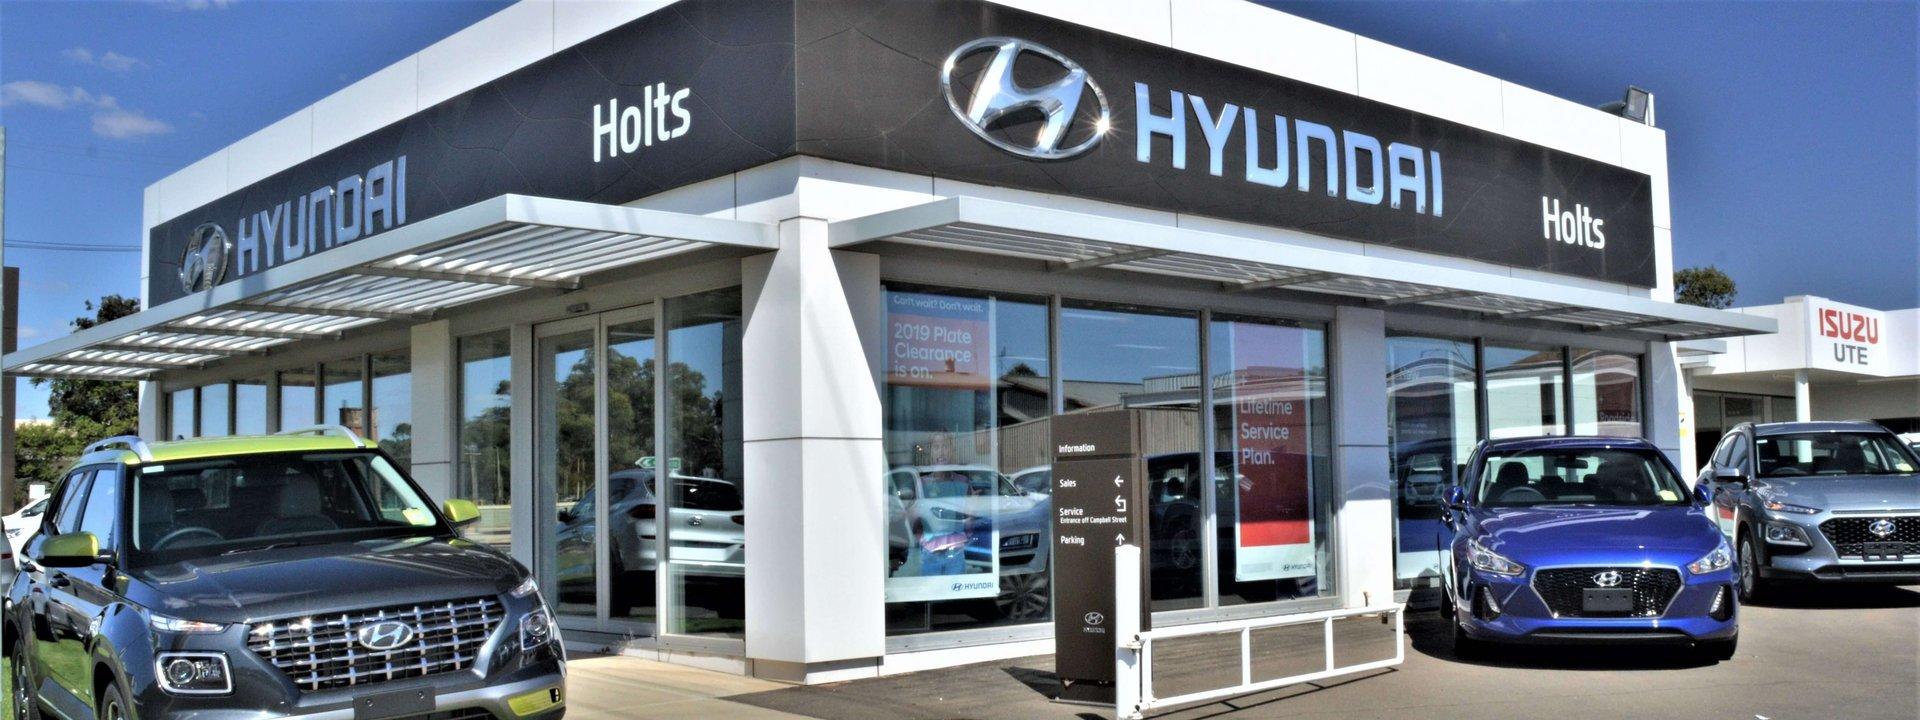 Holts Hyundai